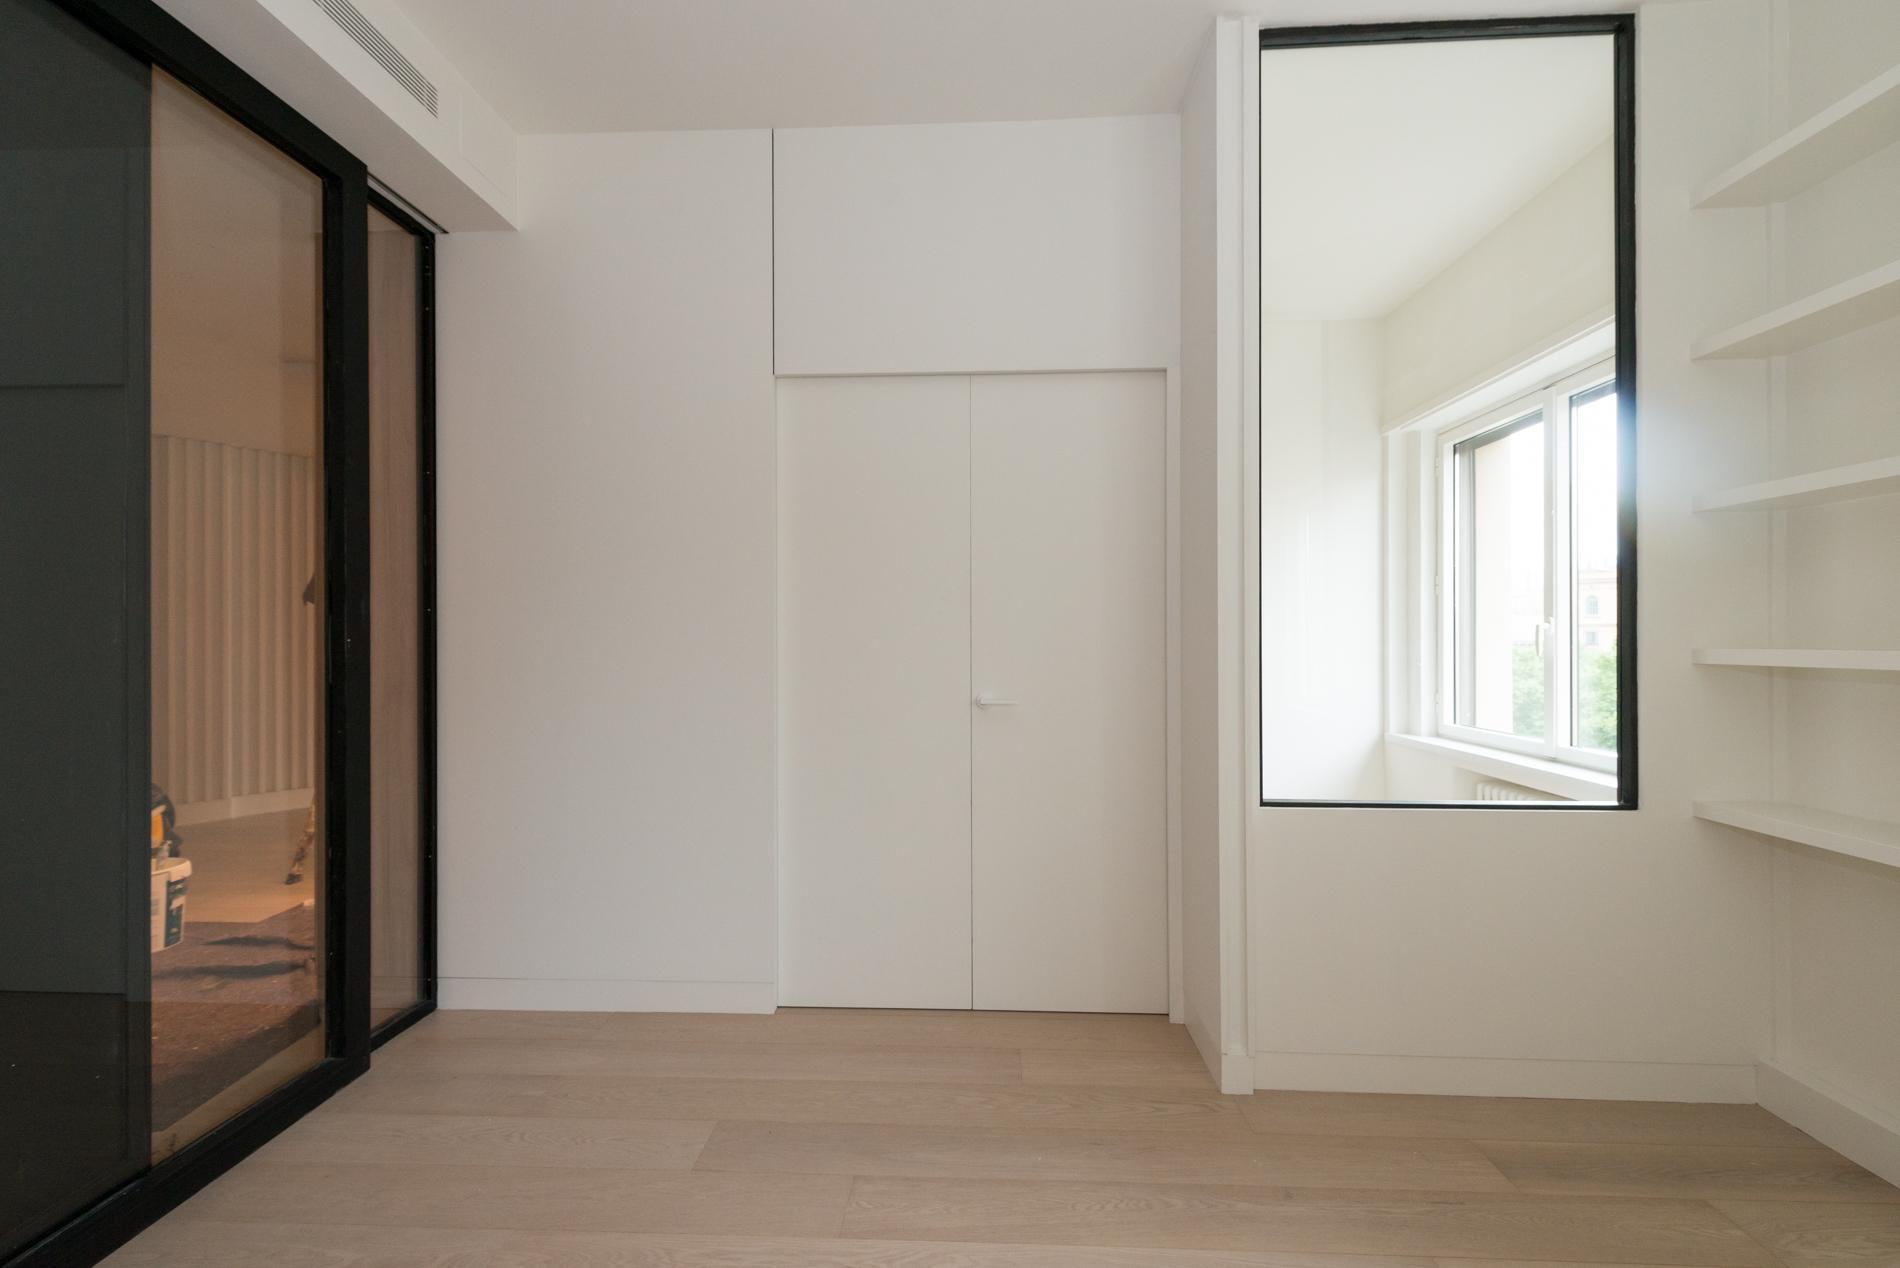 187548 Apartamento en venta en Ciutat Vella, St. Pere St. Caterina i La Ribera 13